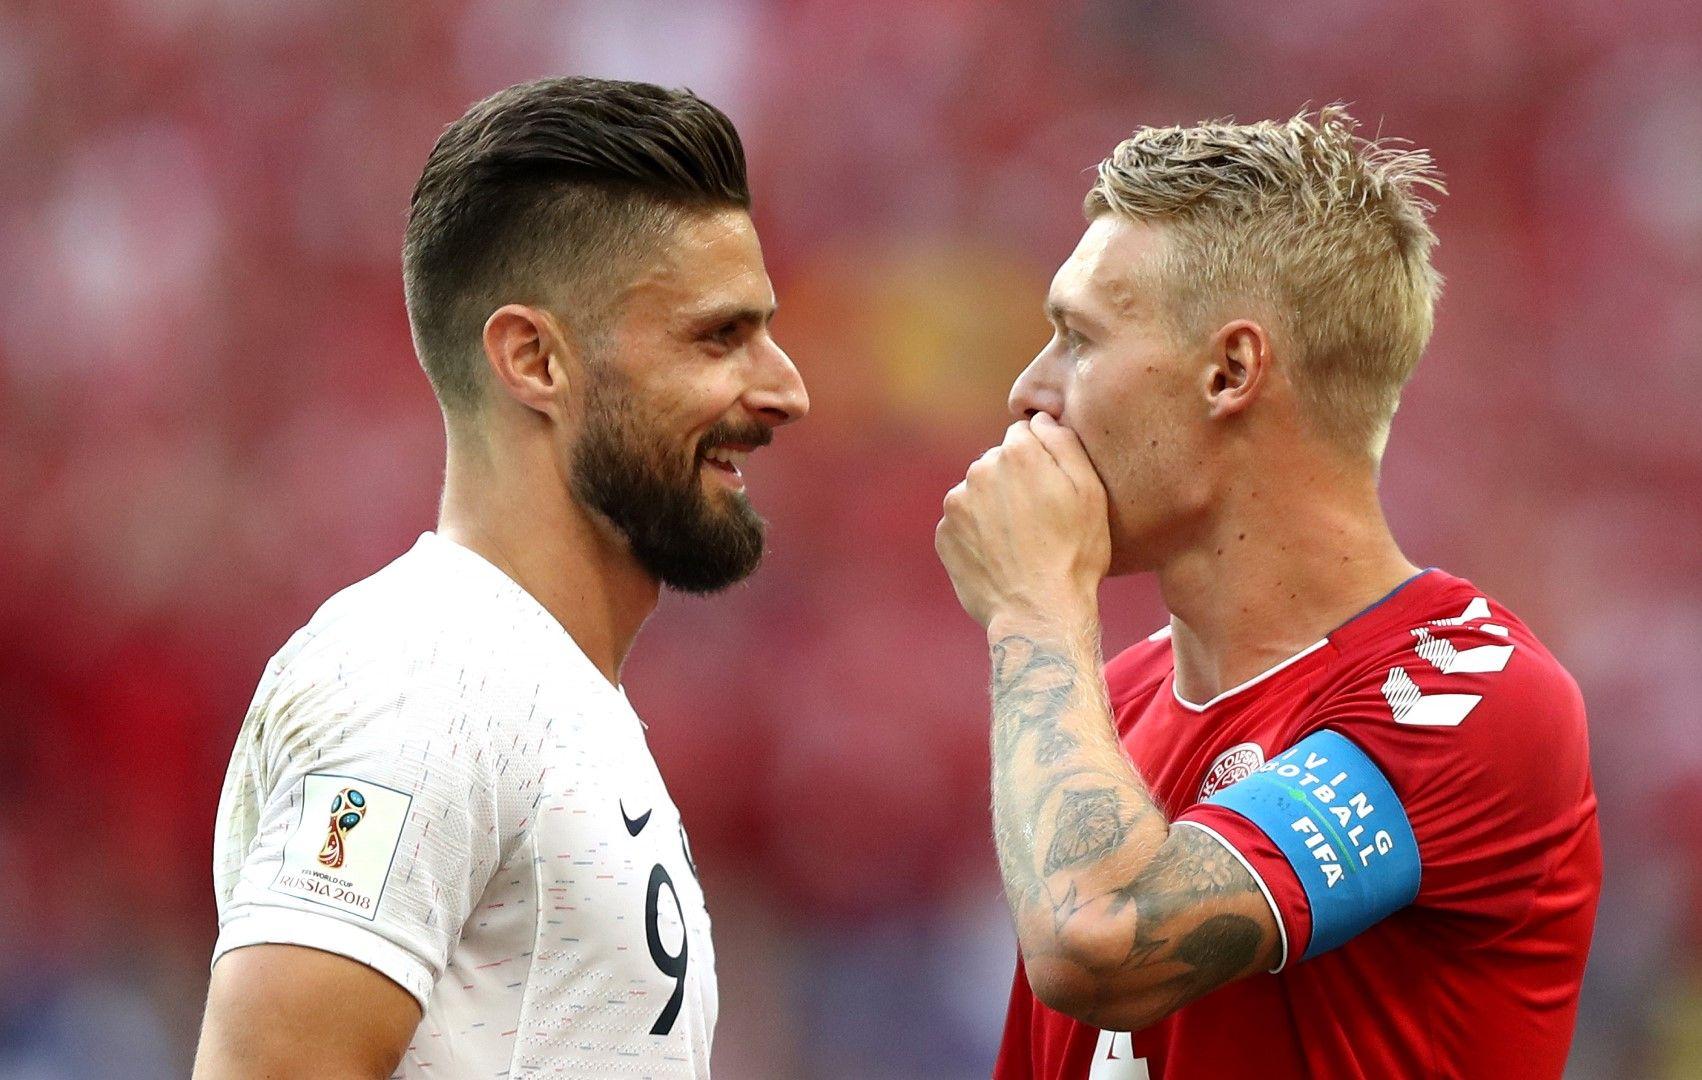 Мачът Дания - Франция бе голямото разочарование на първия етап.